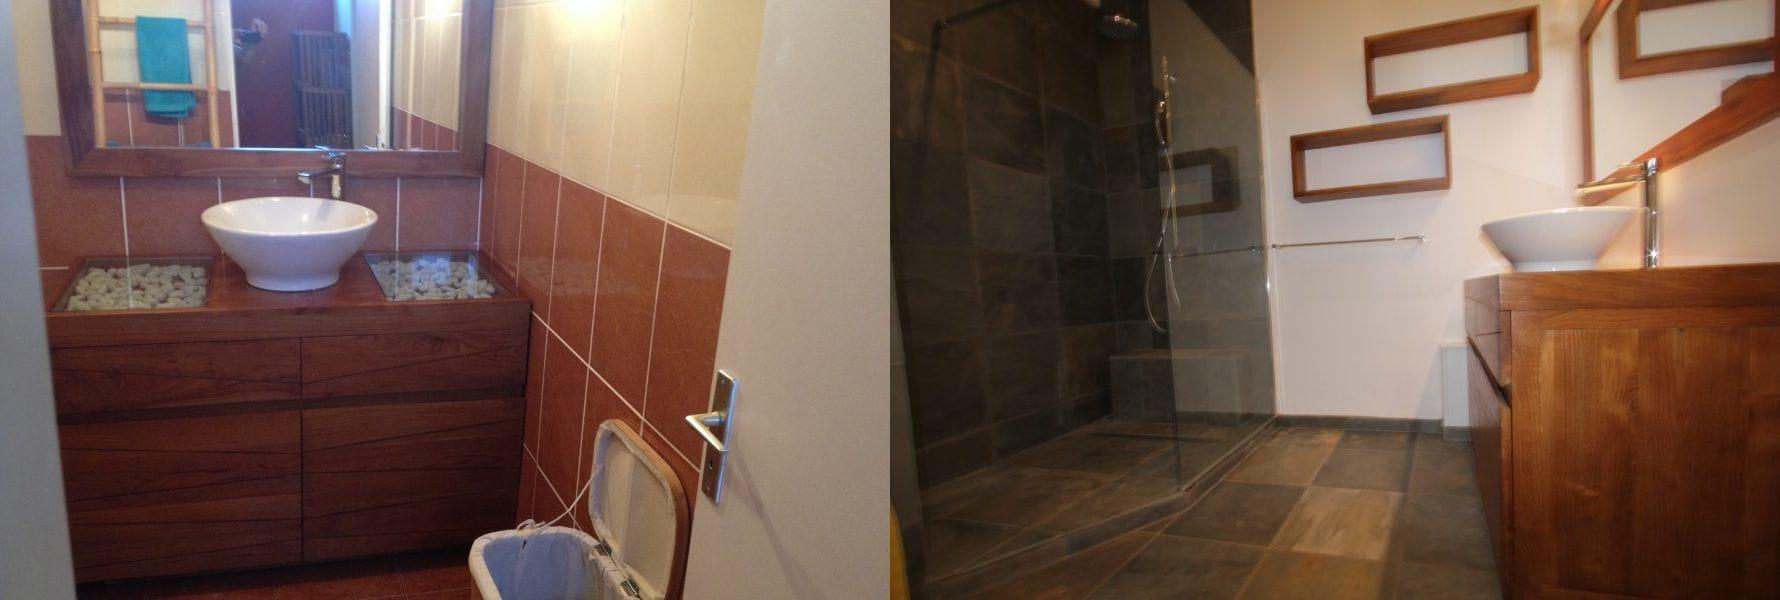 sdb-ermitage-les-bains-1